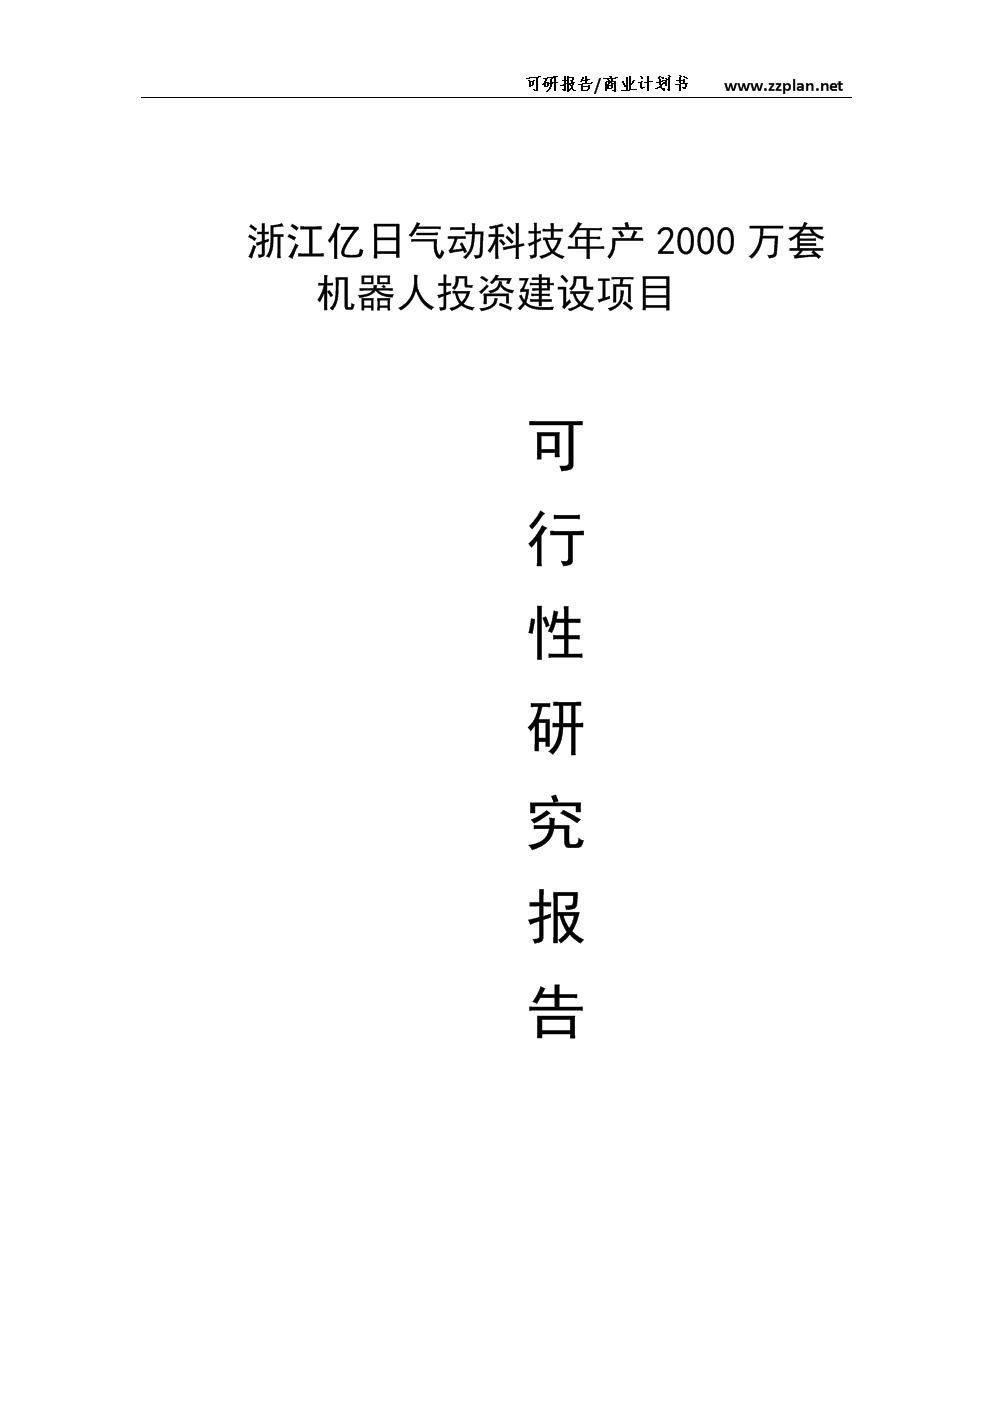 浙江亿日气动科技年产2000万套机器人项目可研报告.docx